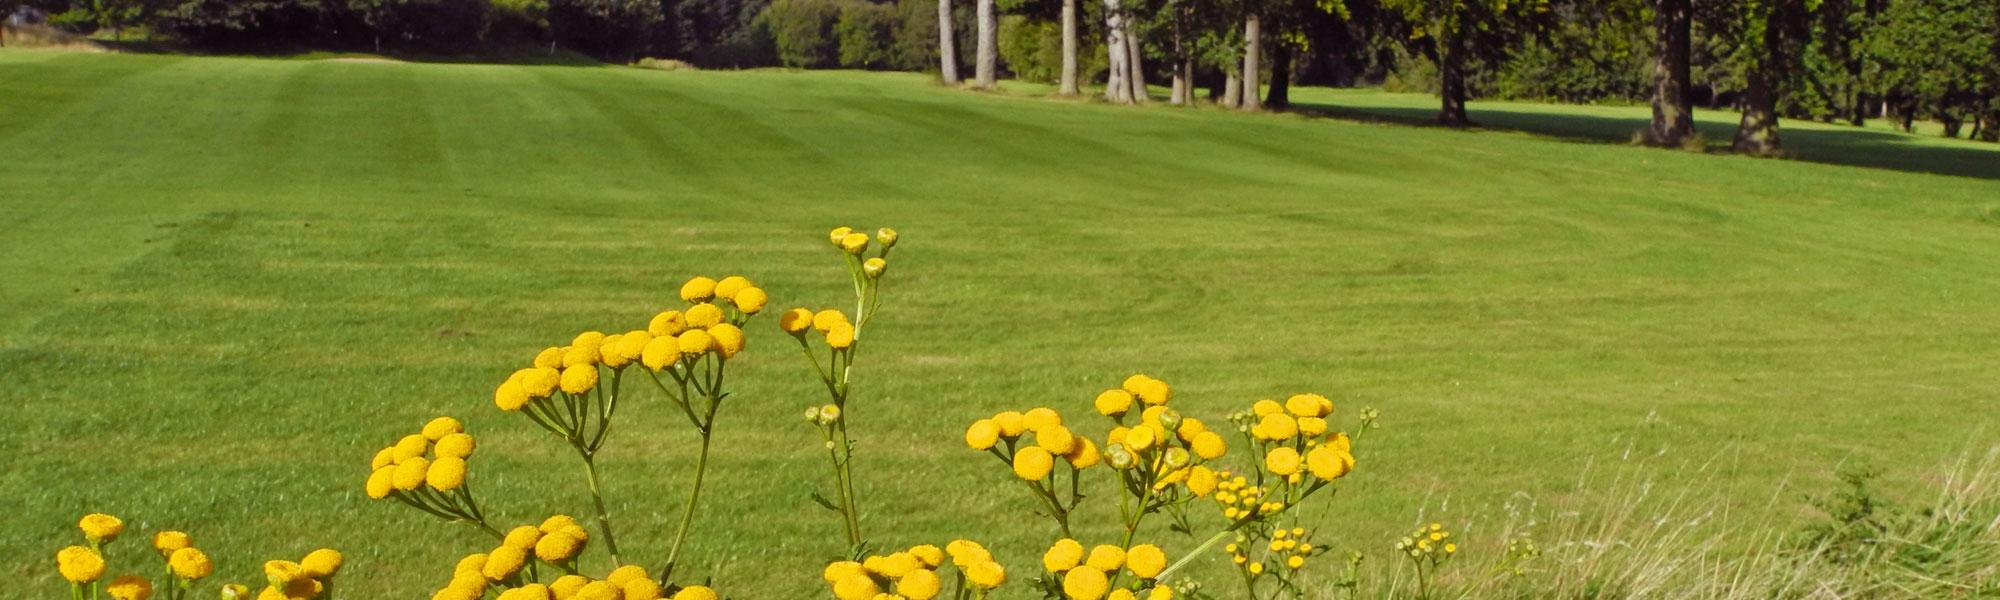 Fairway Blumen